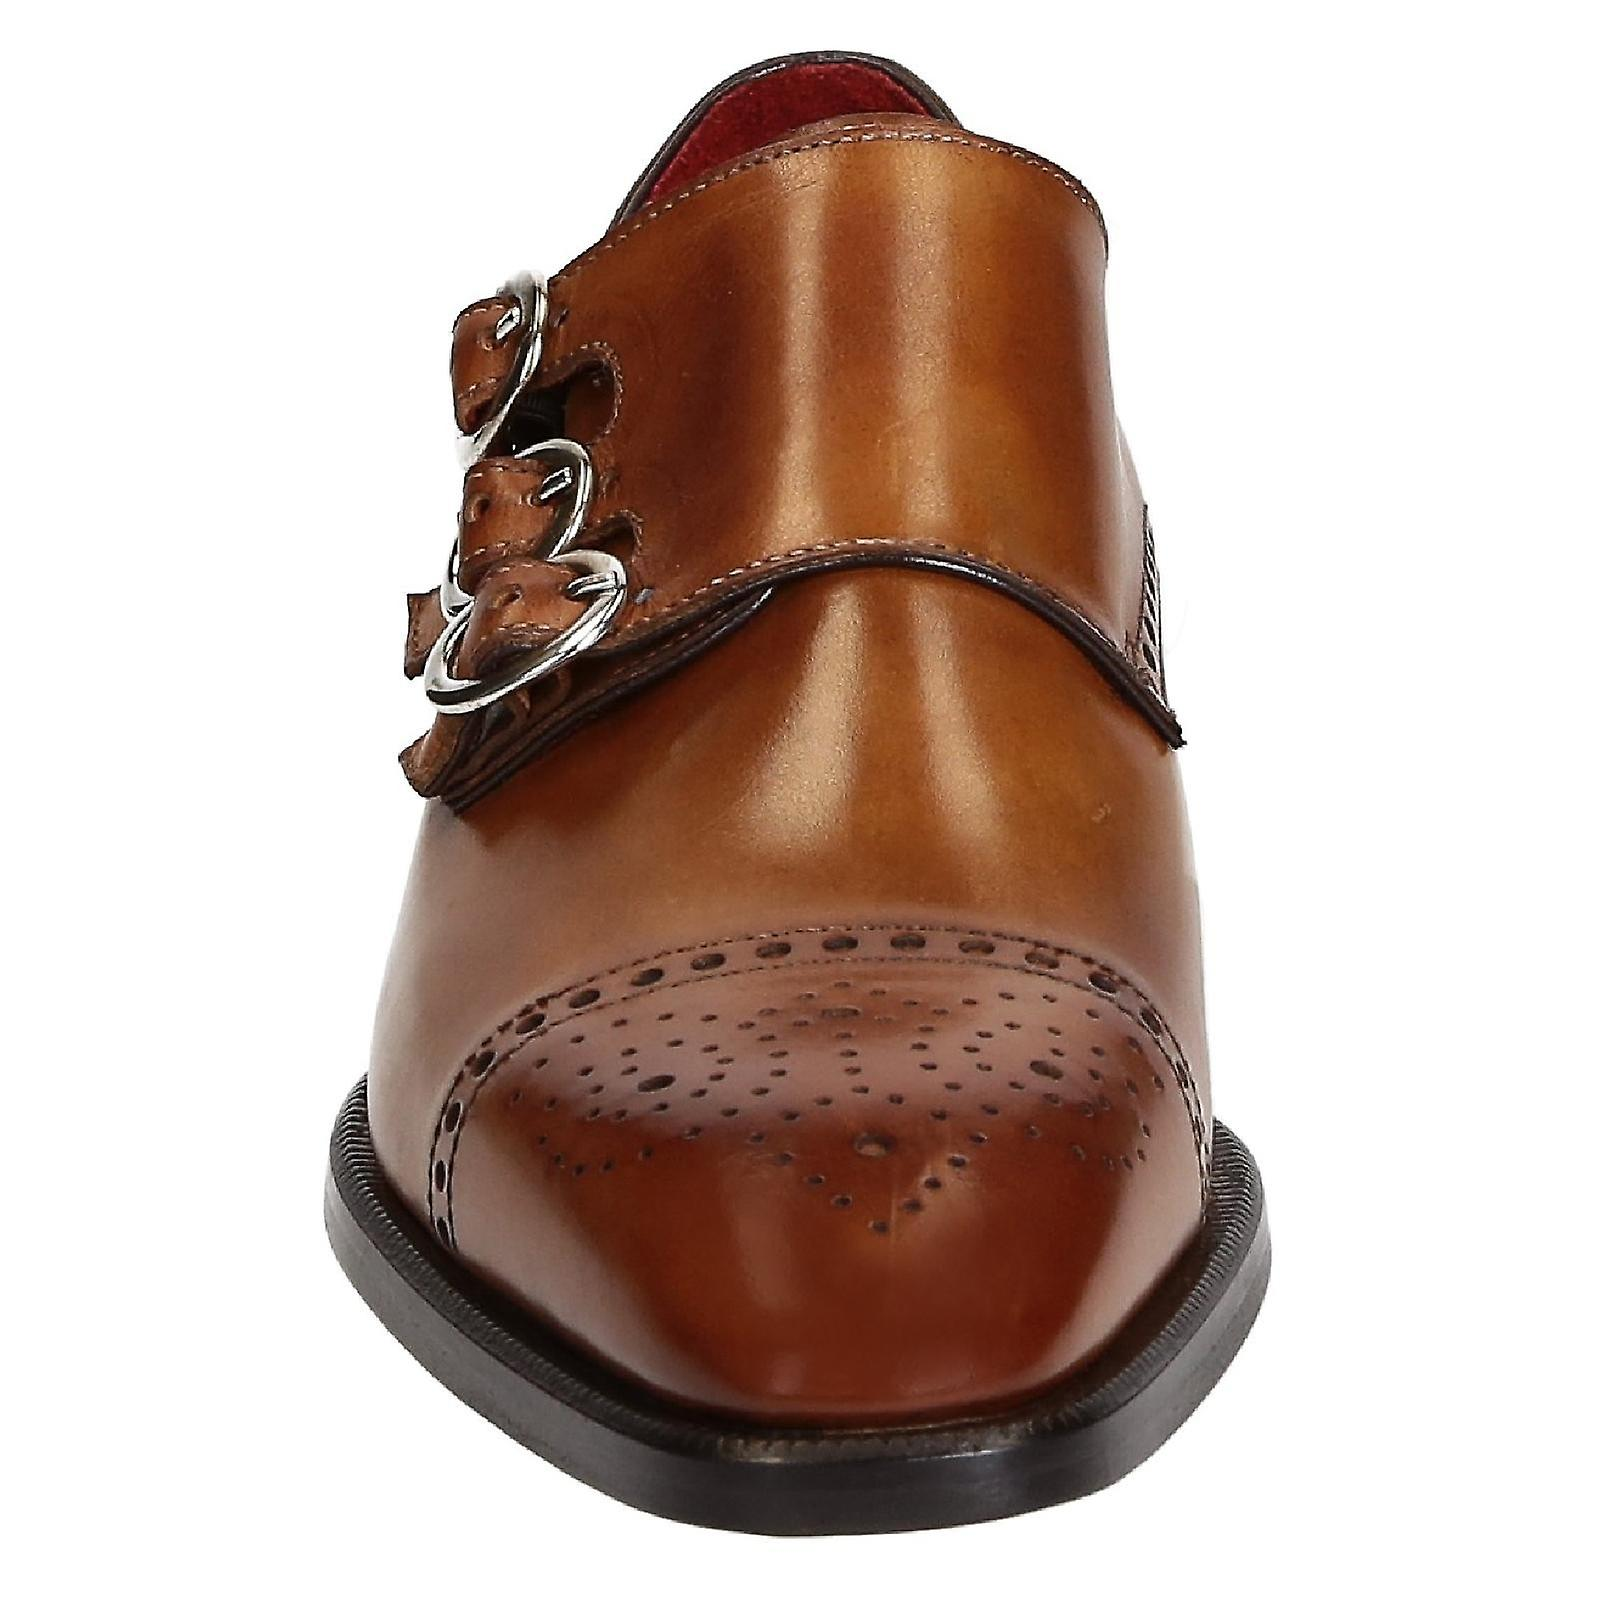 Leonardo Shoes Men's scarpe tripla monaco fatte a mano in pelle marrone chiaro GQLnbB